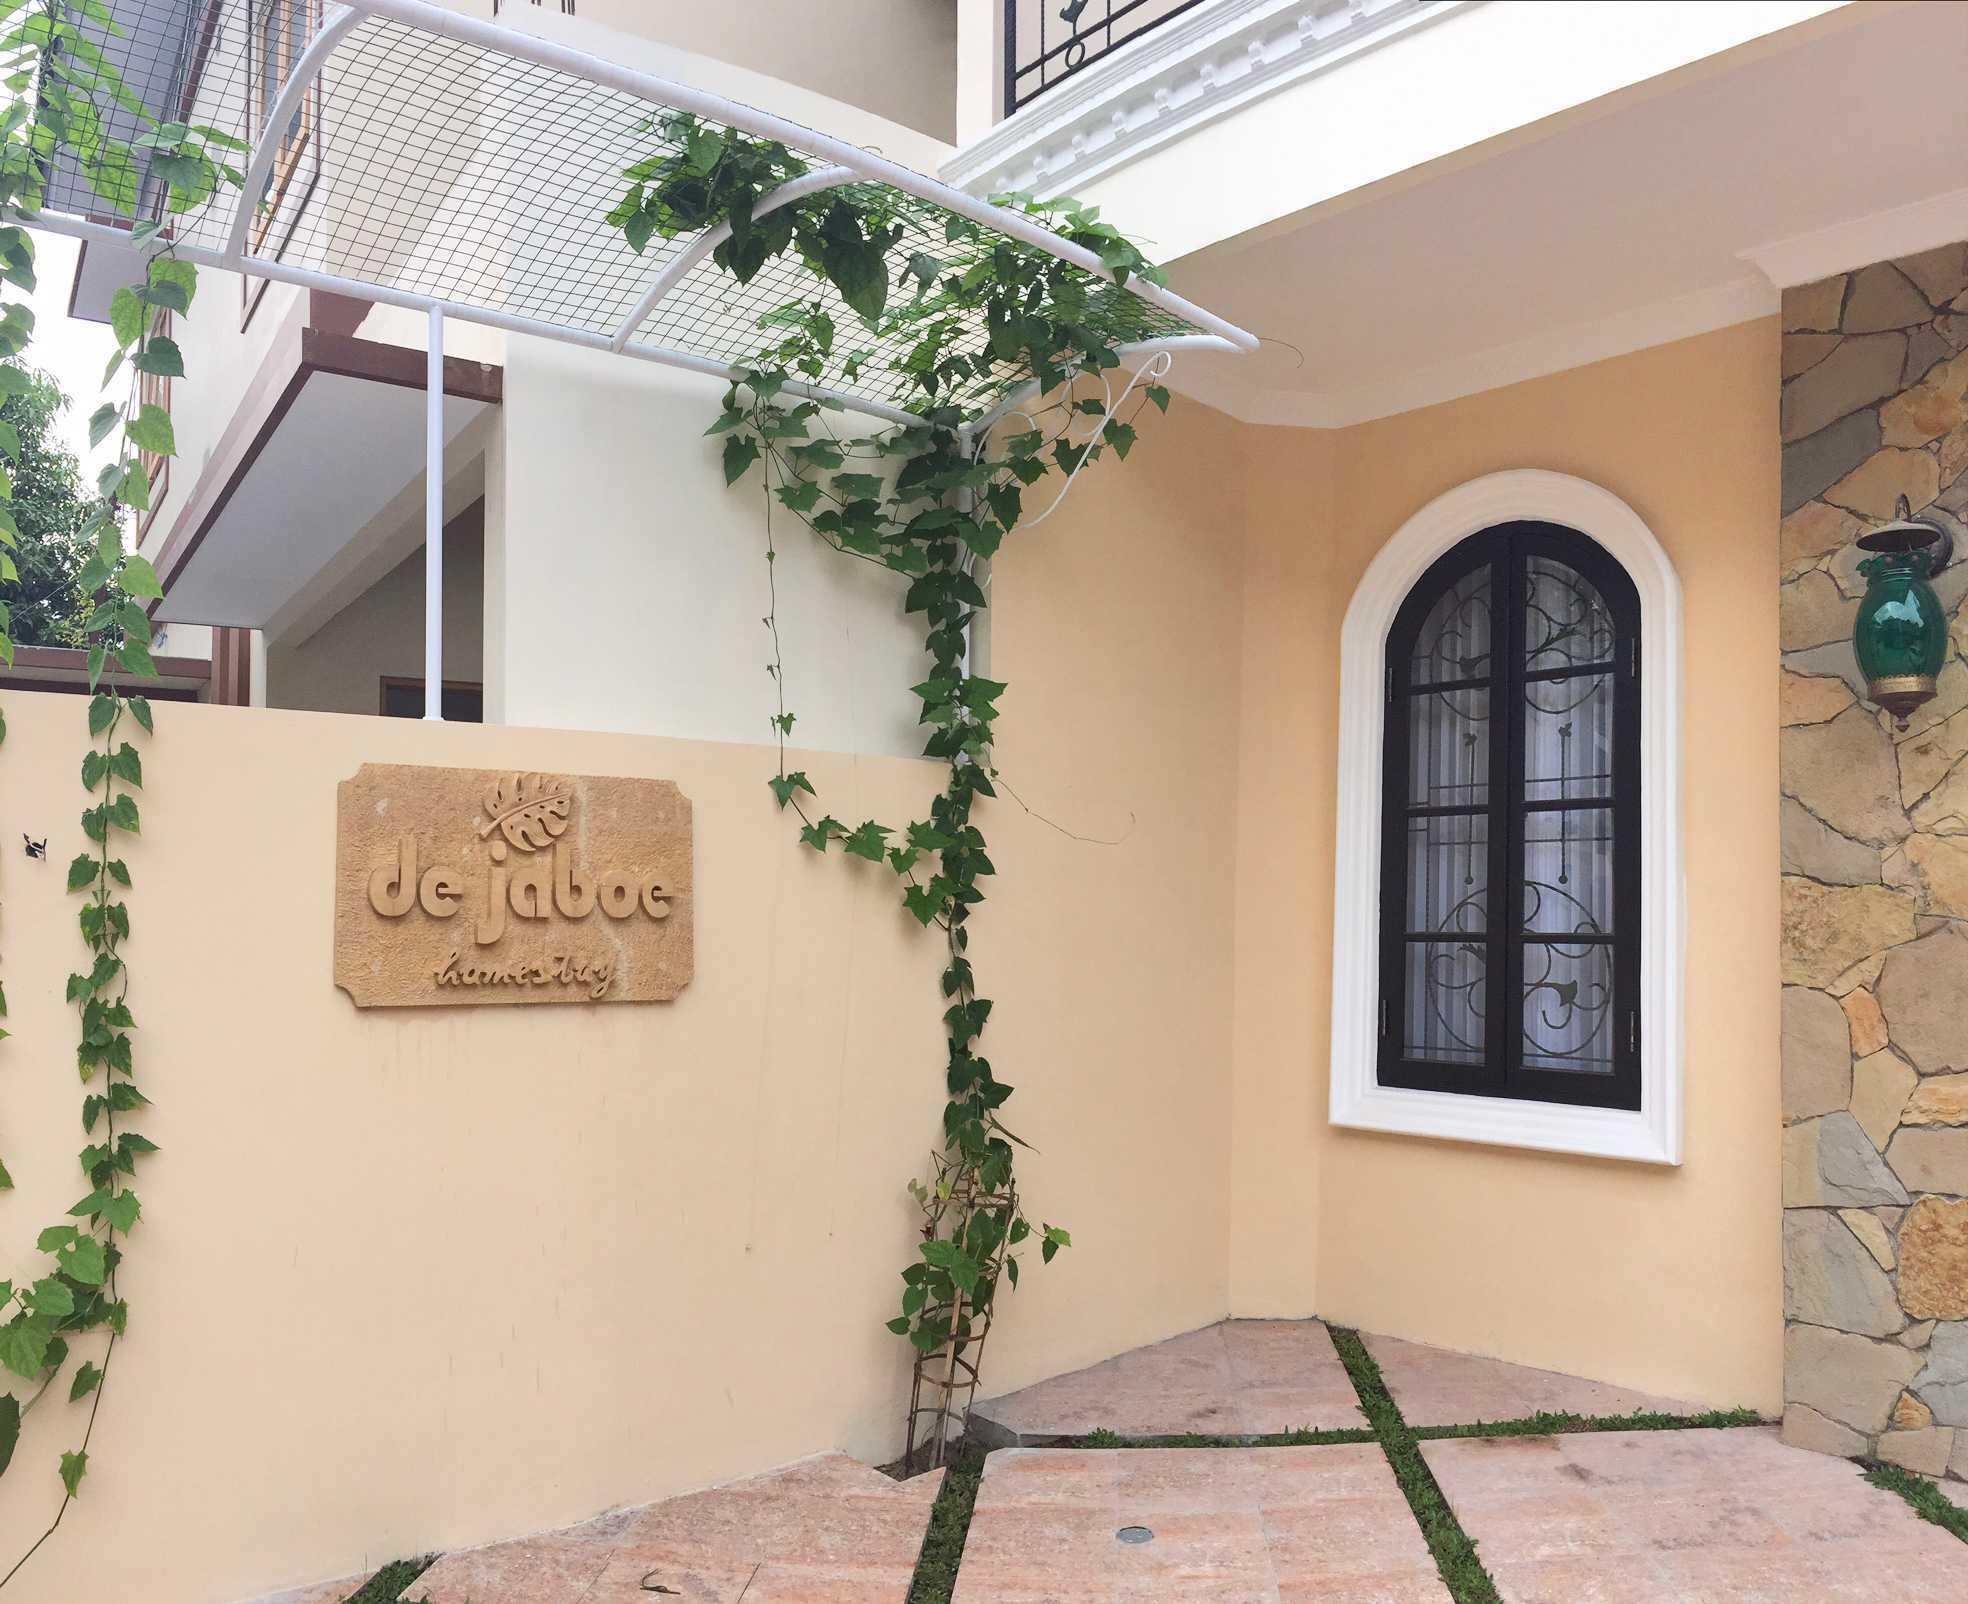 Khakimatta Architects Dejaboe Homestay Seturan Yogyakarta Seturan Yogyakarta Front   21220